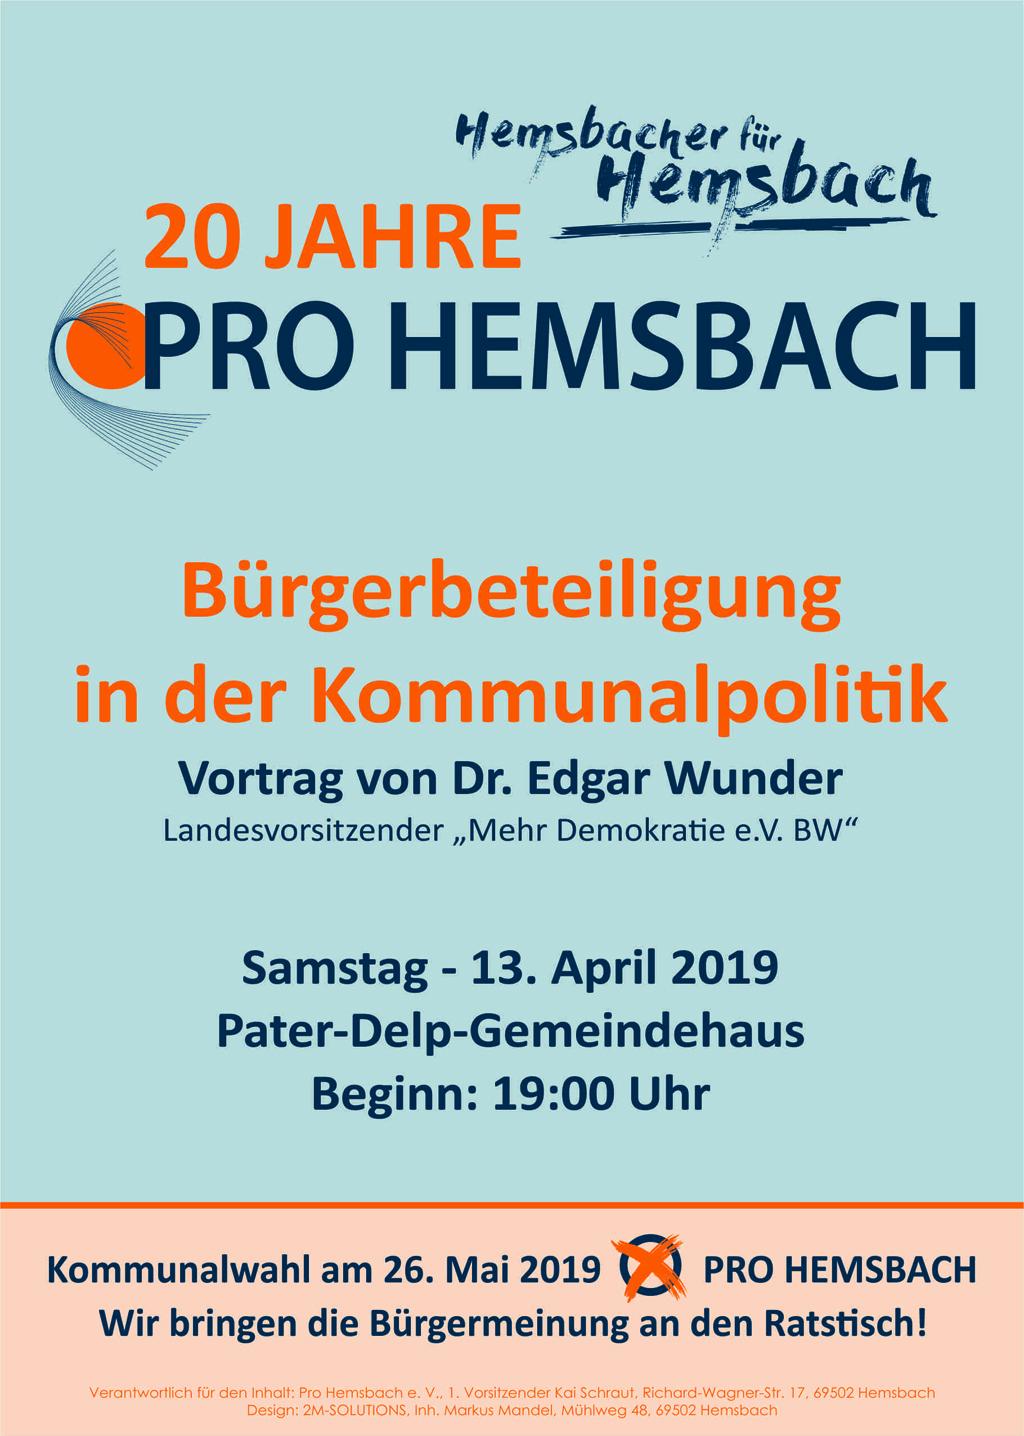 20 Jahre Pro Hemsbach - Plakat